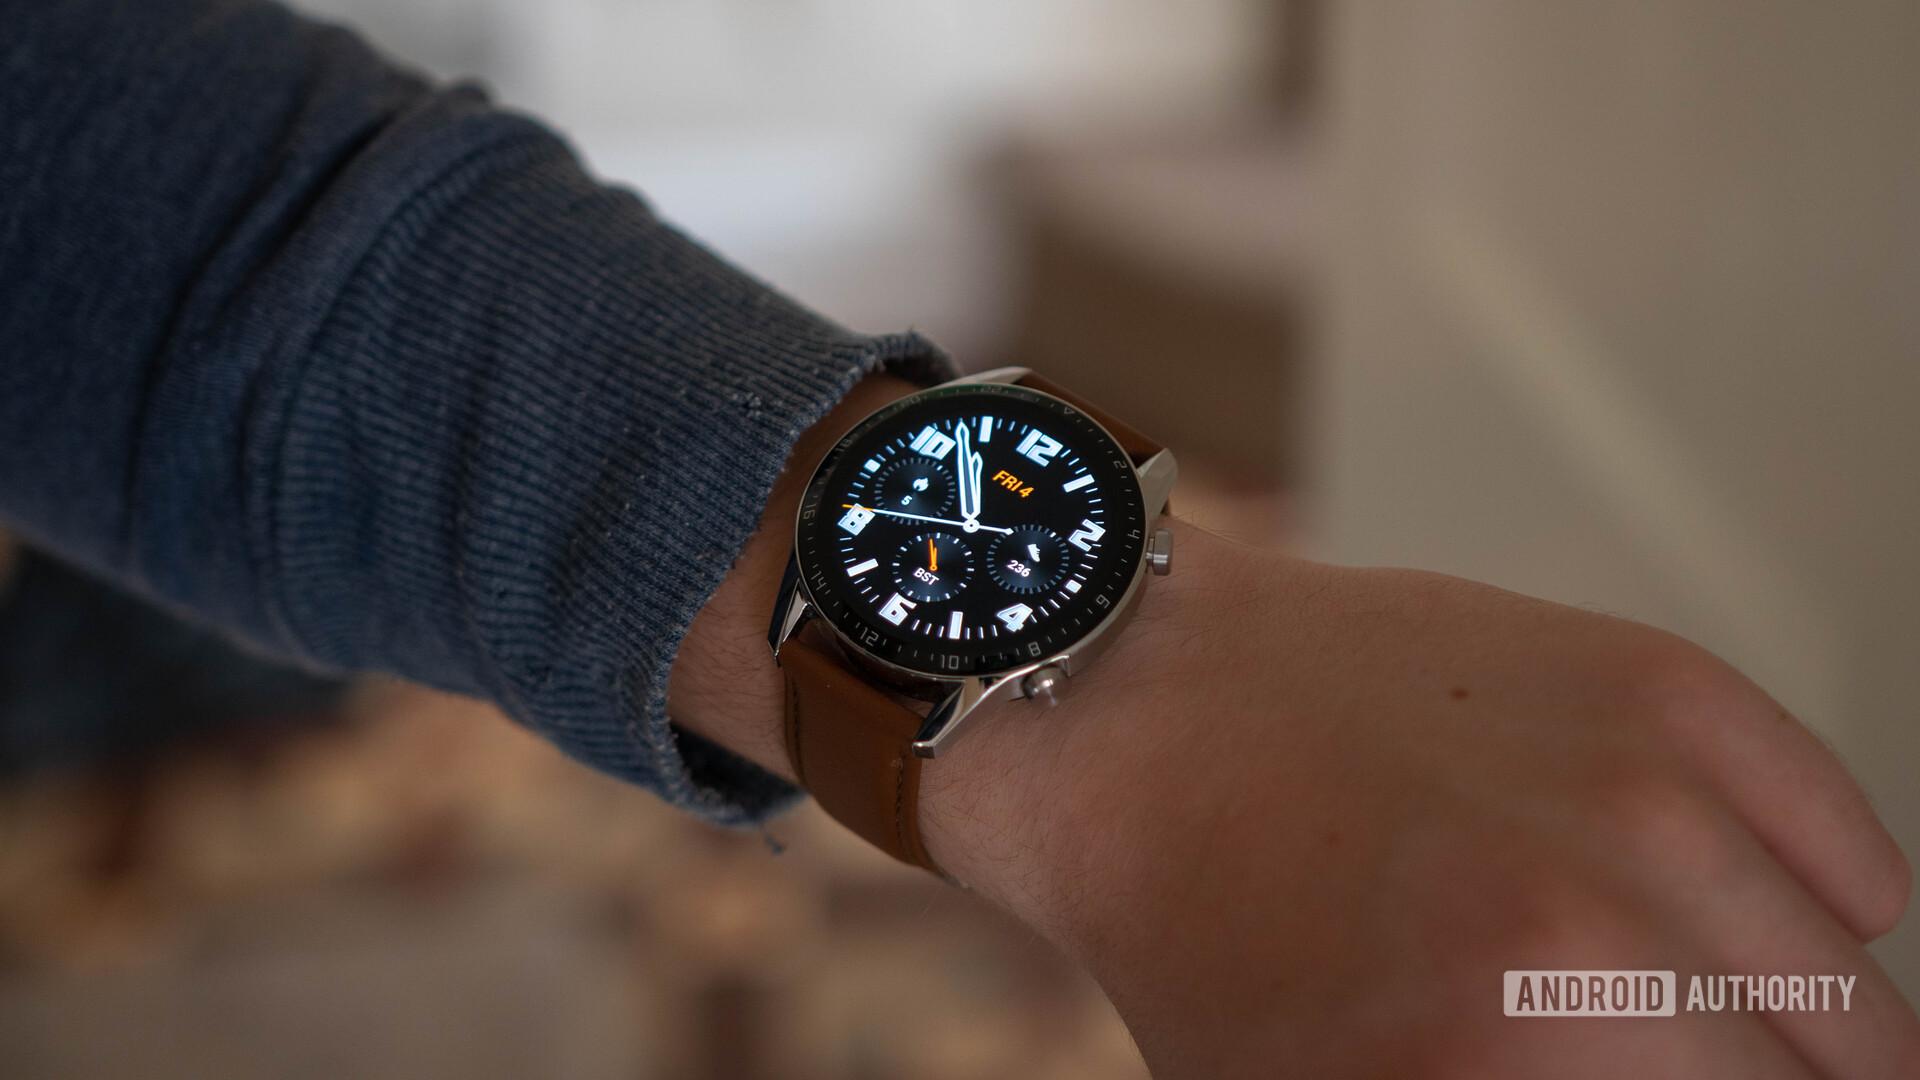 Huawei Watch GT 2 Wearing the watch